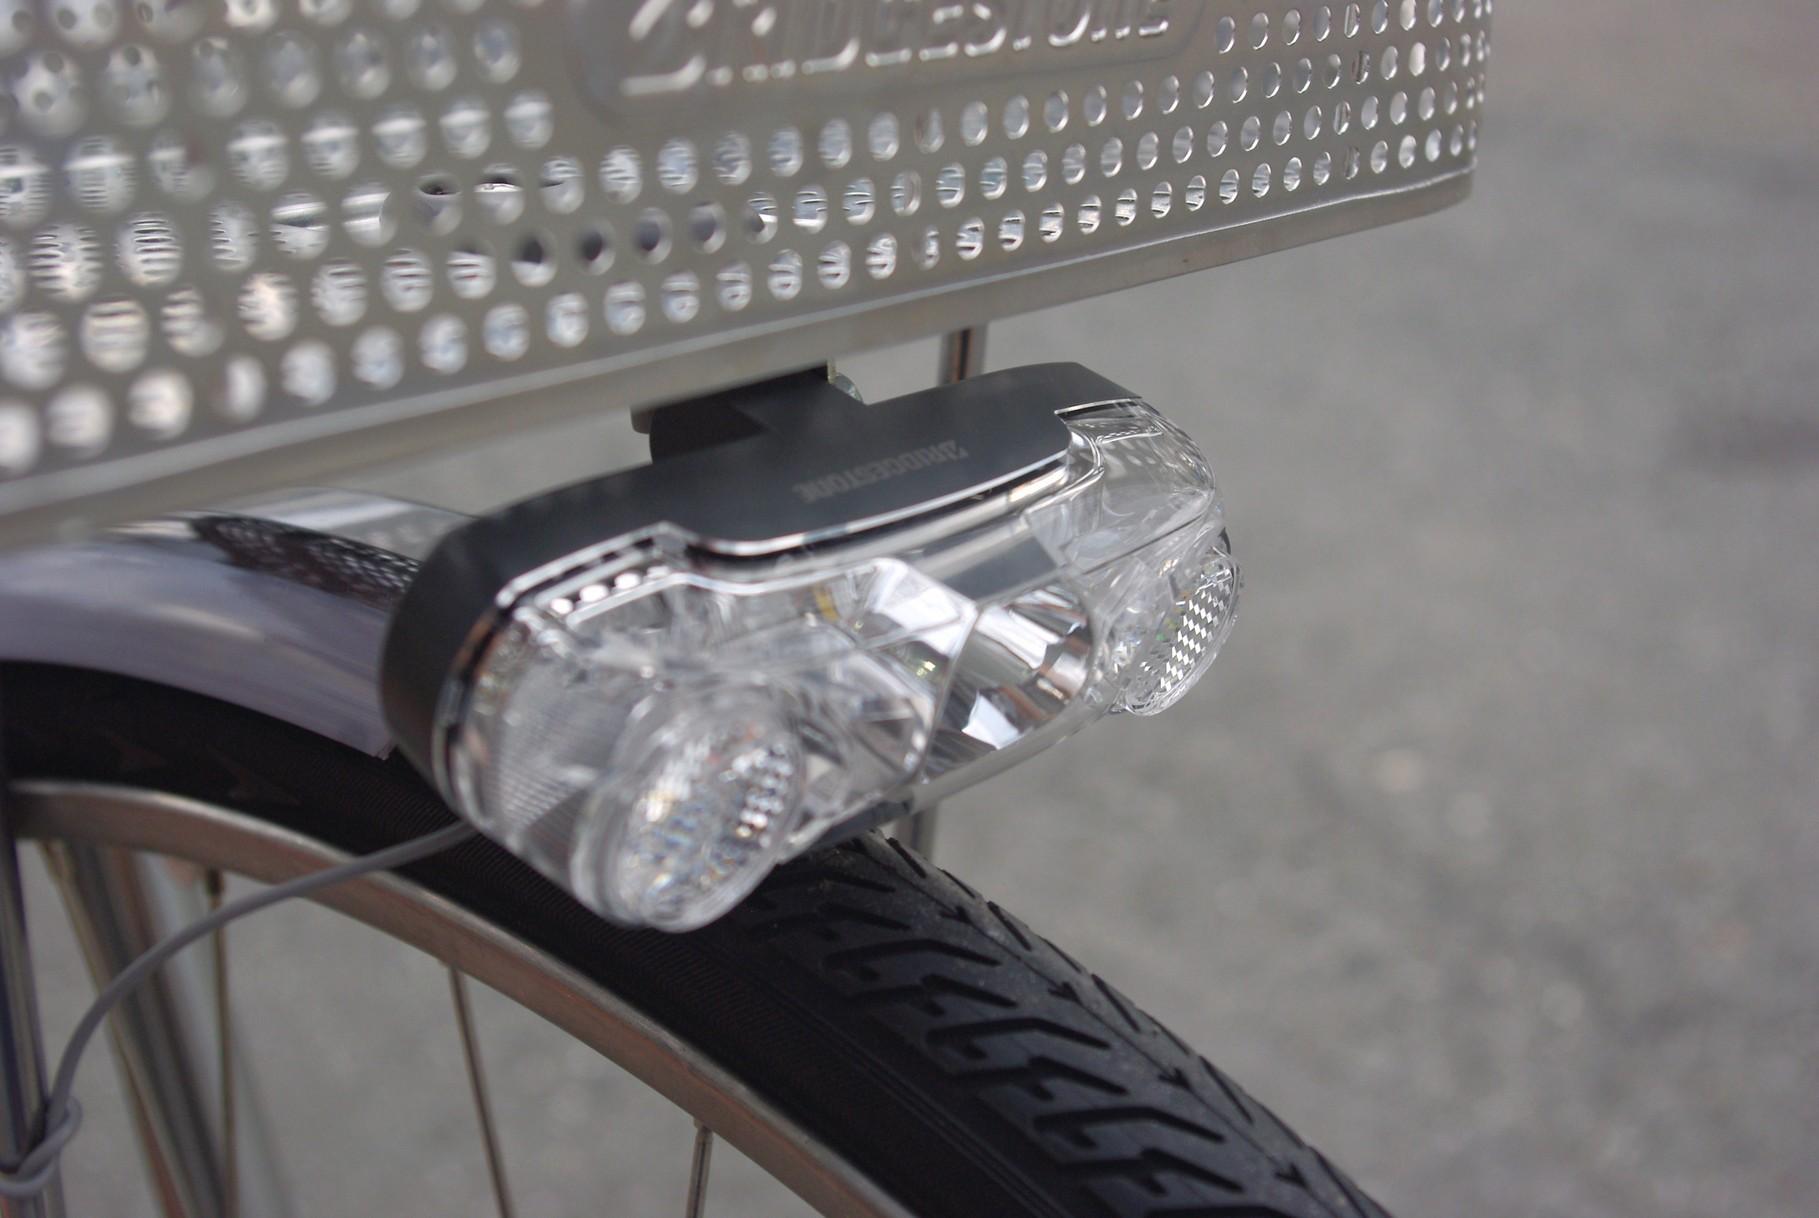 1WのLEDを装備したシングルパワー点灯虫ライト。対向車や周囲からの視認性が高いバスケット下に配置されています。